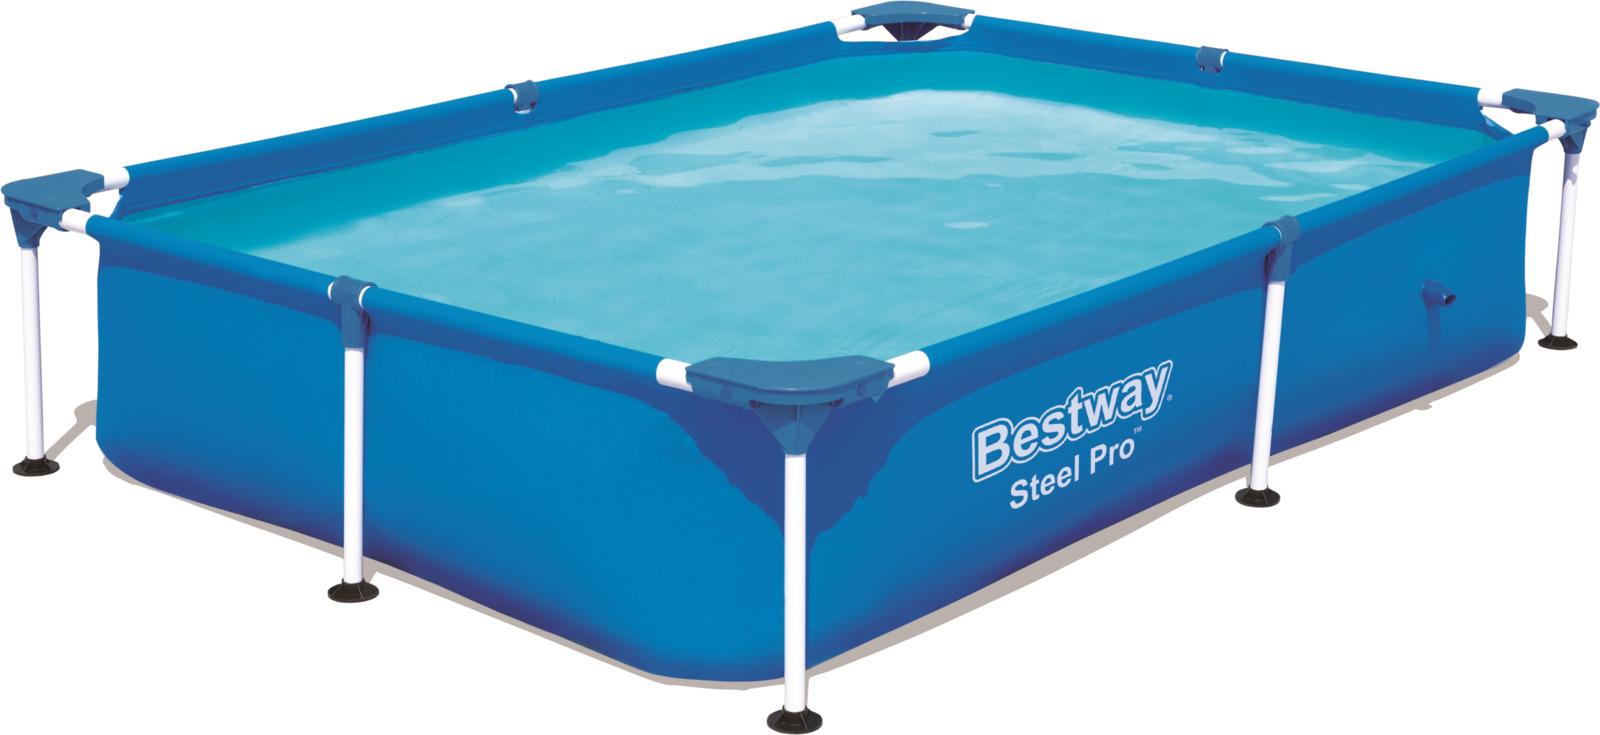 Бассейн каркасный Bestway Steel Pro, 1200 л bestway